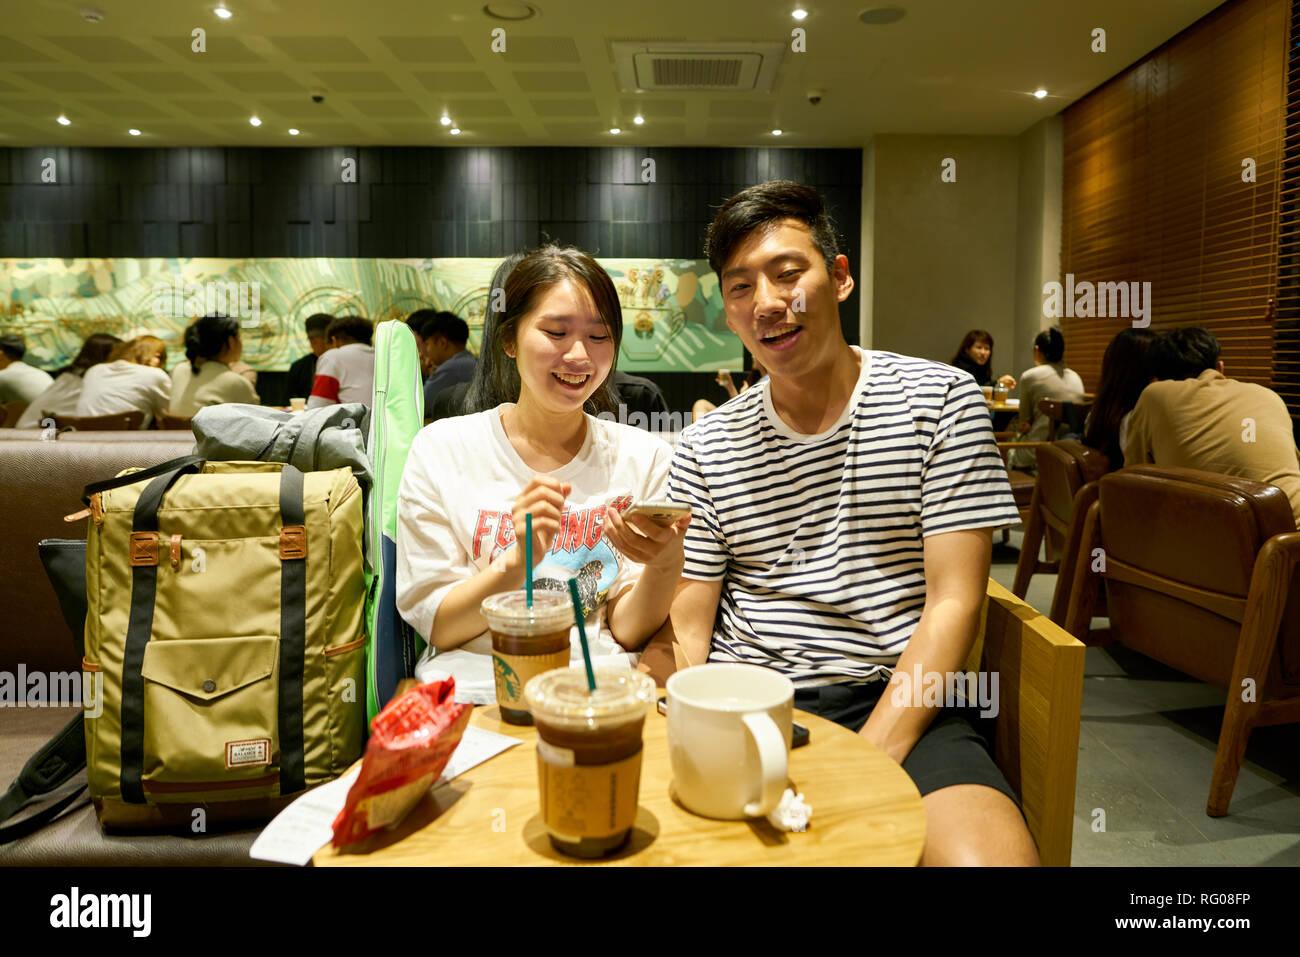 Amerikanische koreanische Dating-Seiten